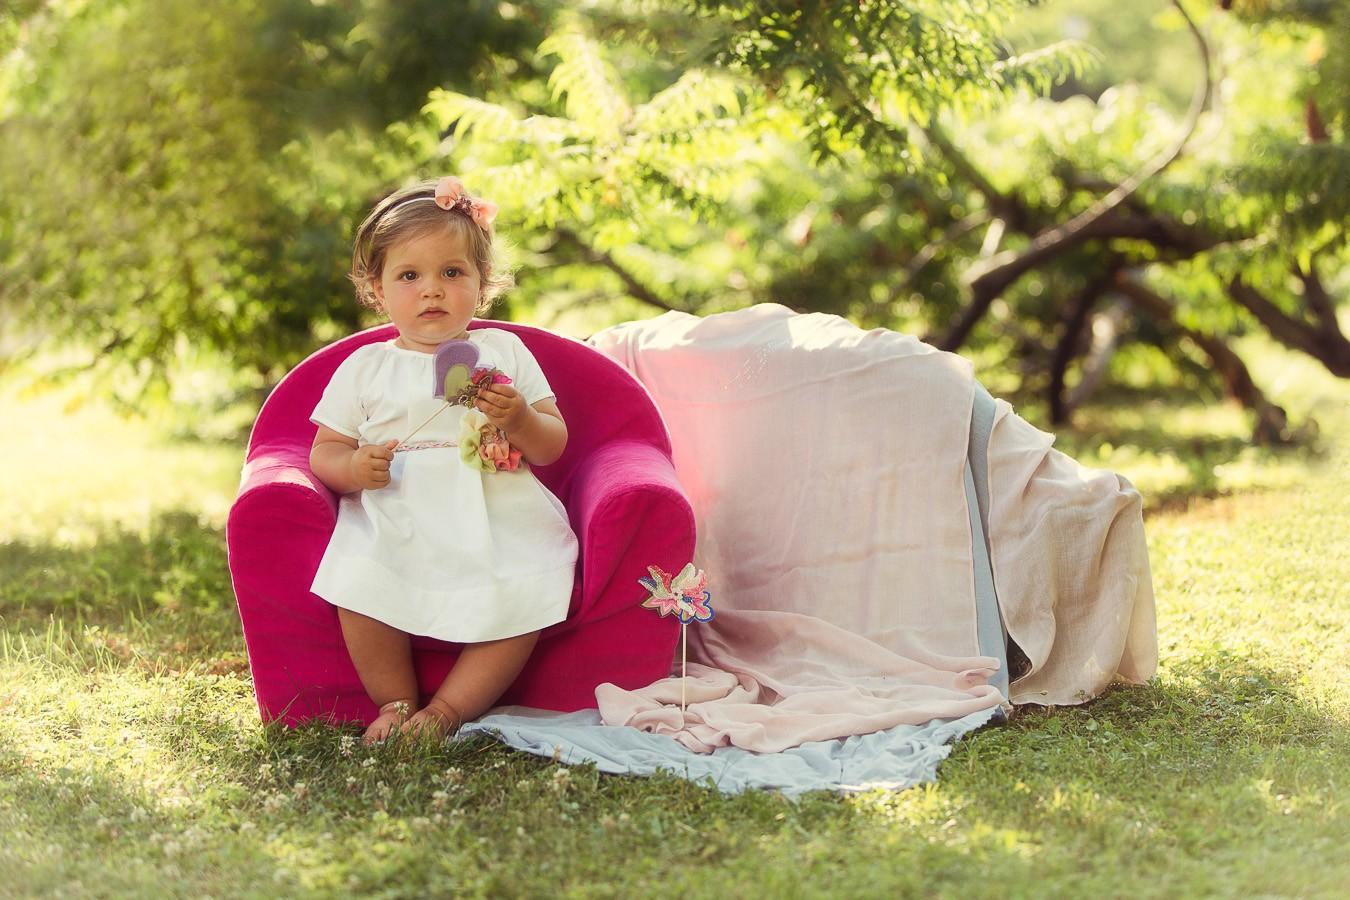 Fotografie copii - Tania | Fotograf Catalin Enache